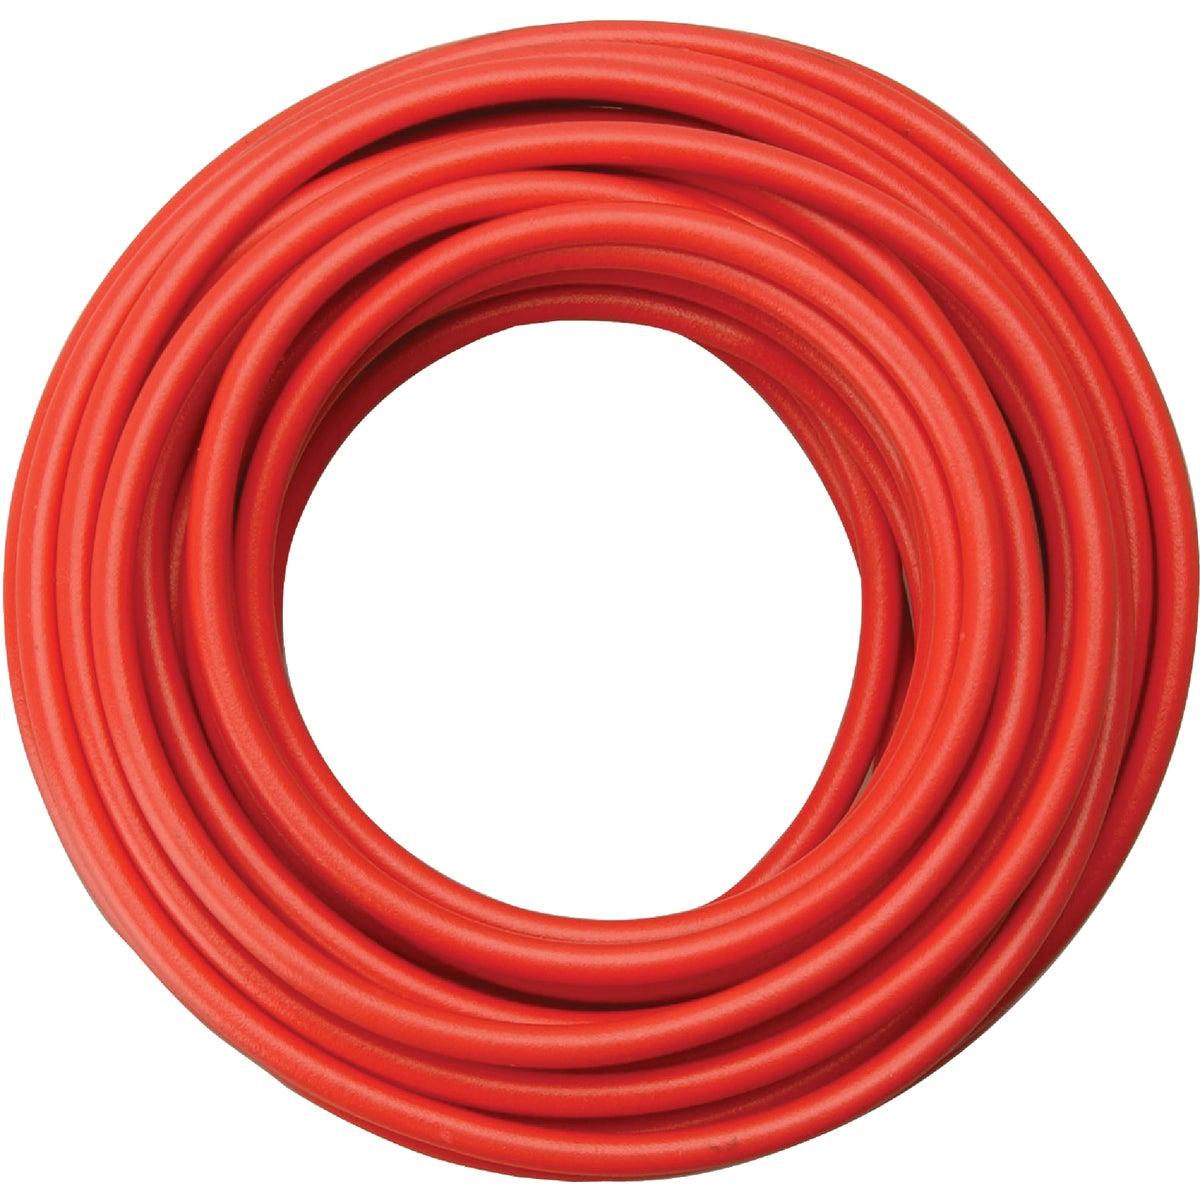 7' 10Ga Red Auto Wire